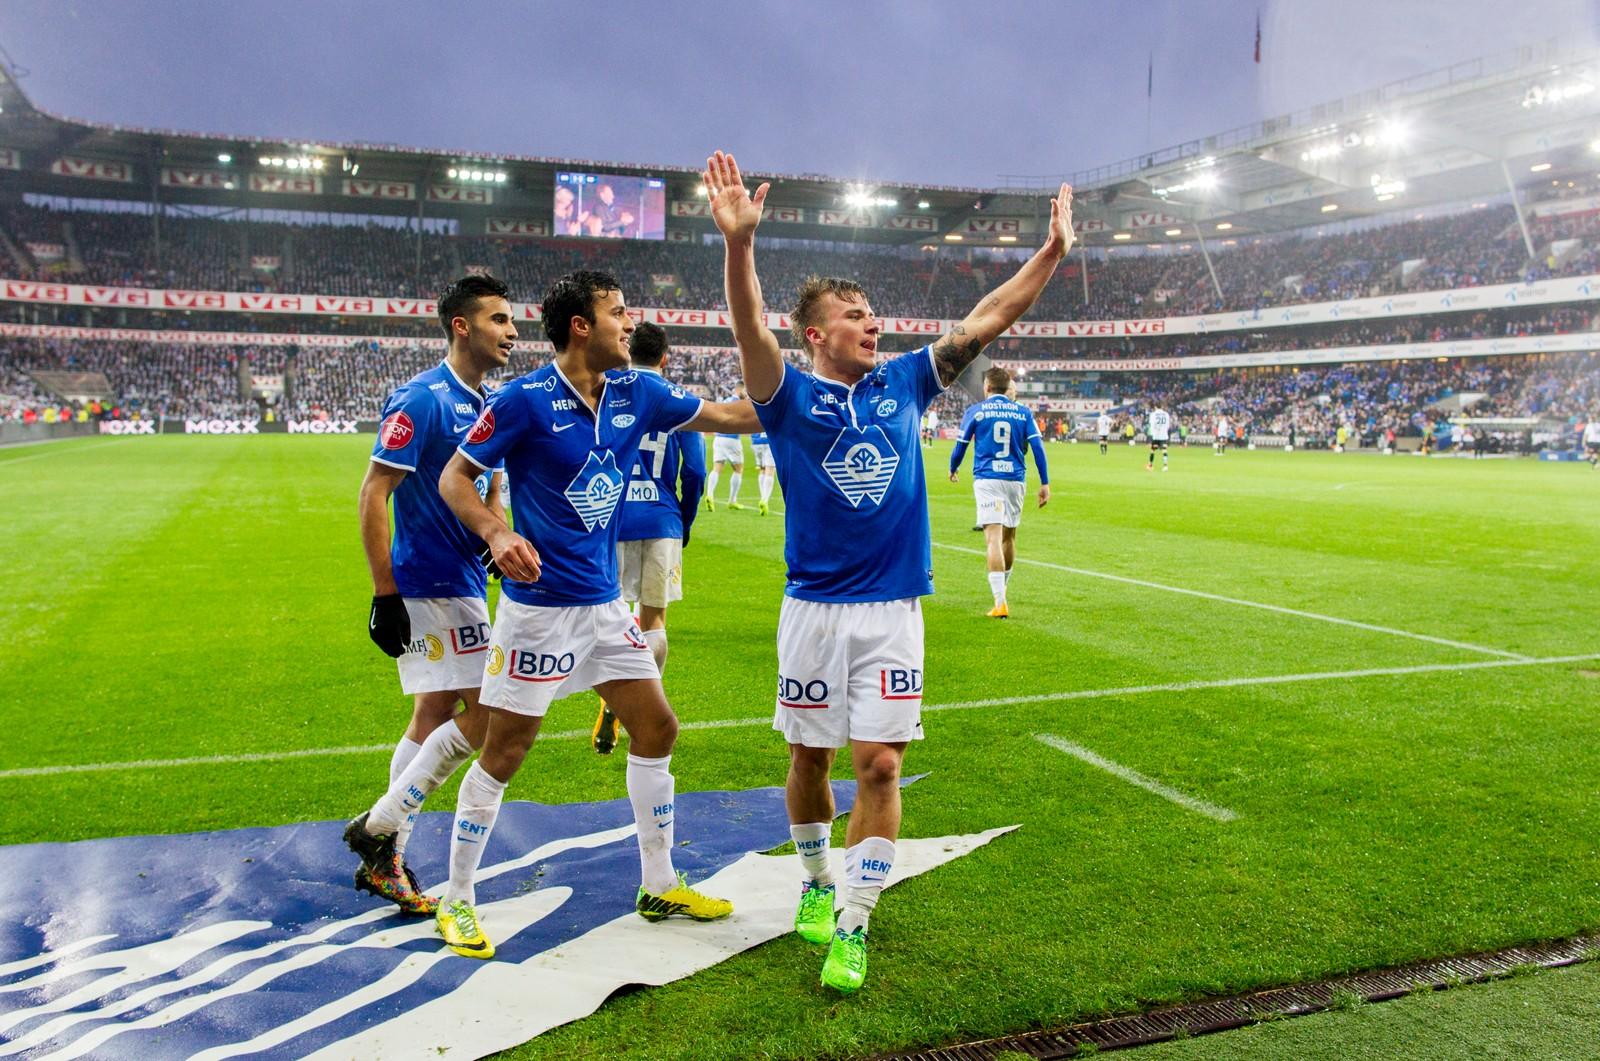 Fredrik Gulbrandsen jubler etter å ha scoret Moldes første mål under cupfinalen i fotball mellom Molde og Odd på Ullevaal stadion.